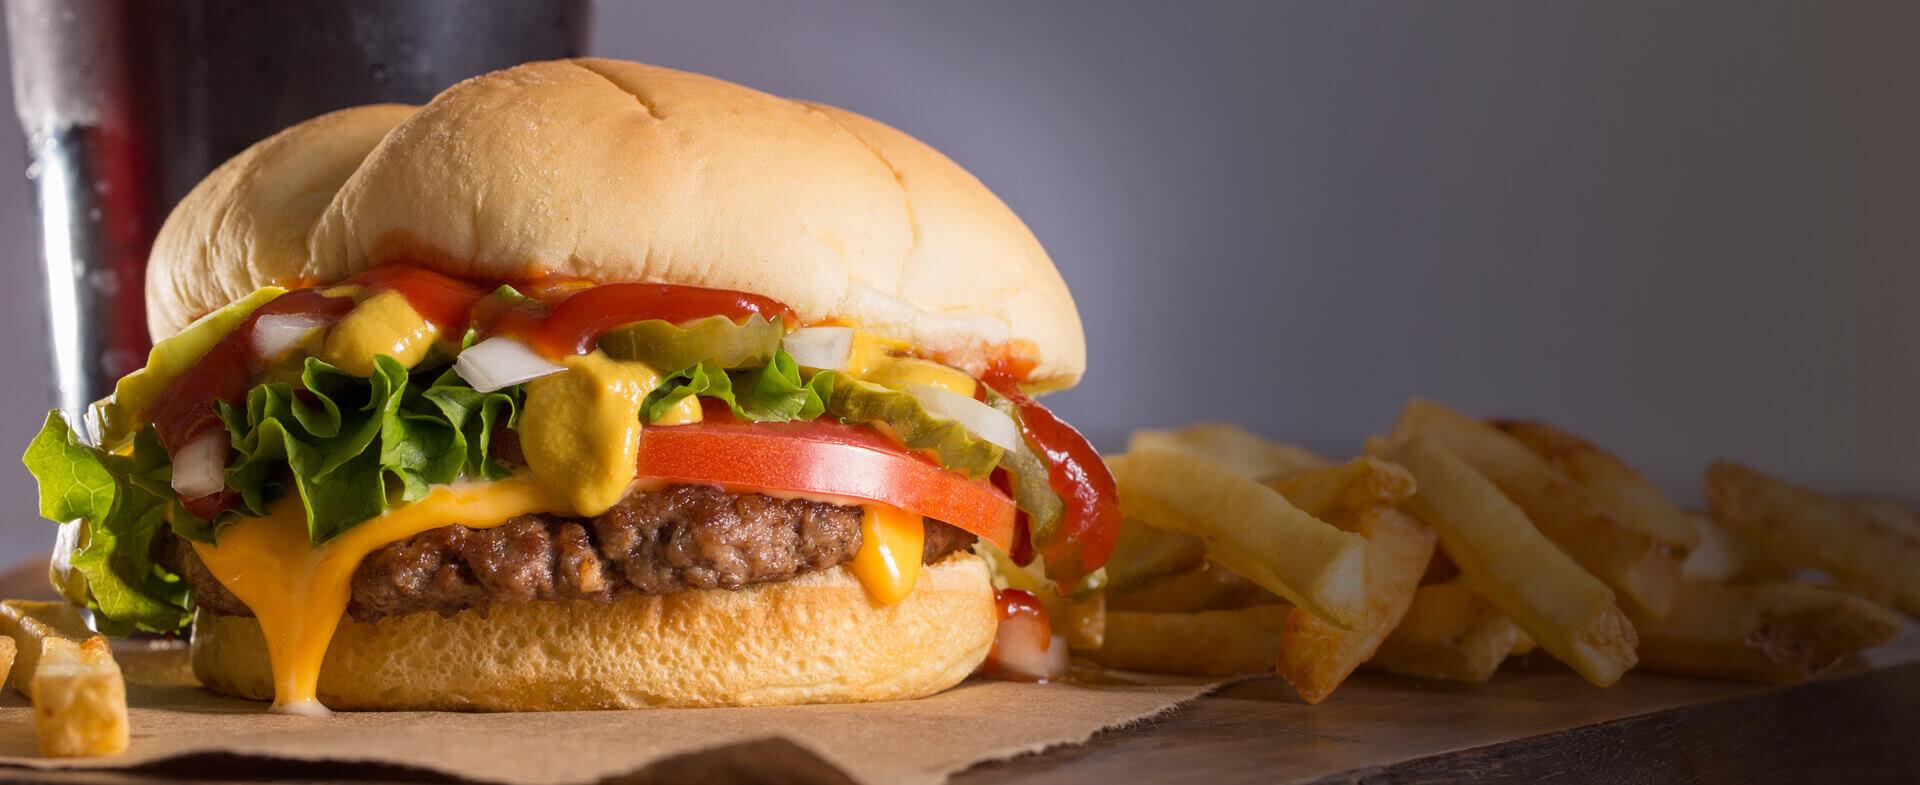 Wayback Burgers Single Cheeseburger